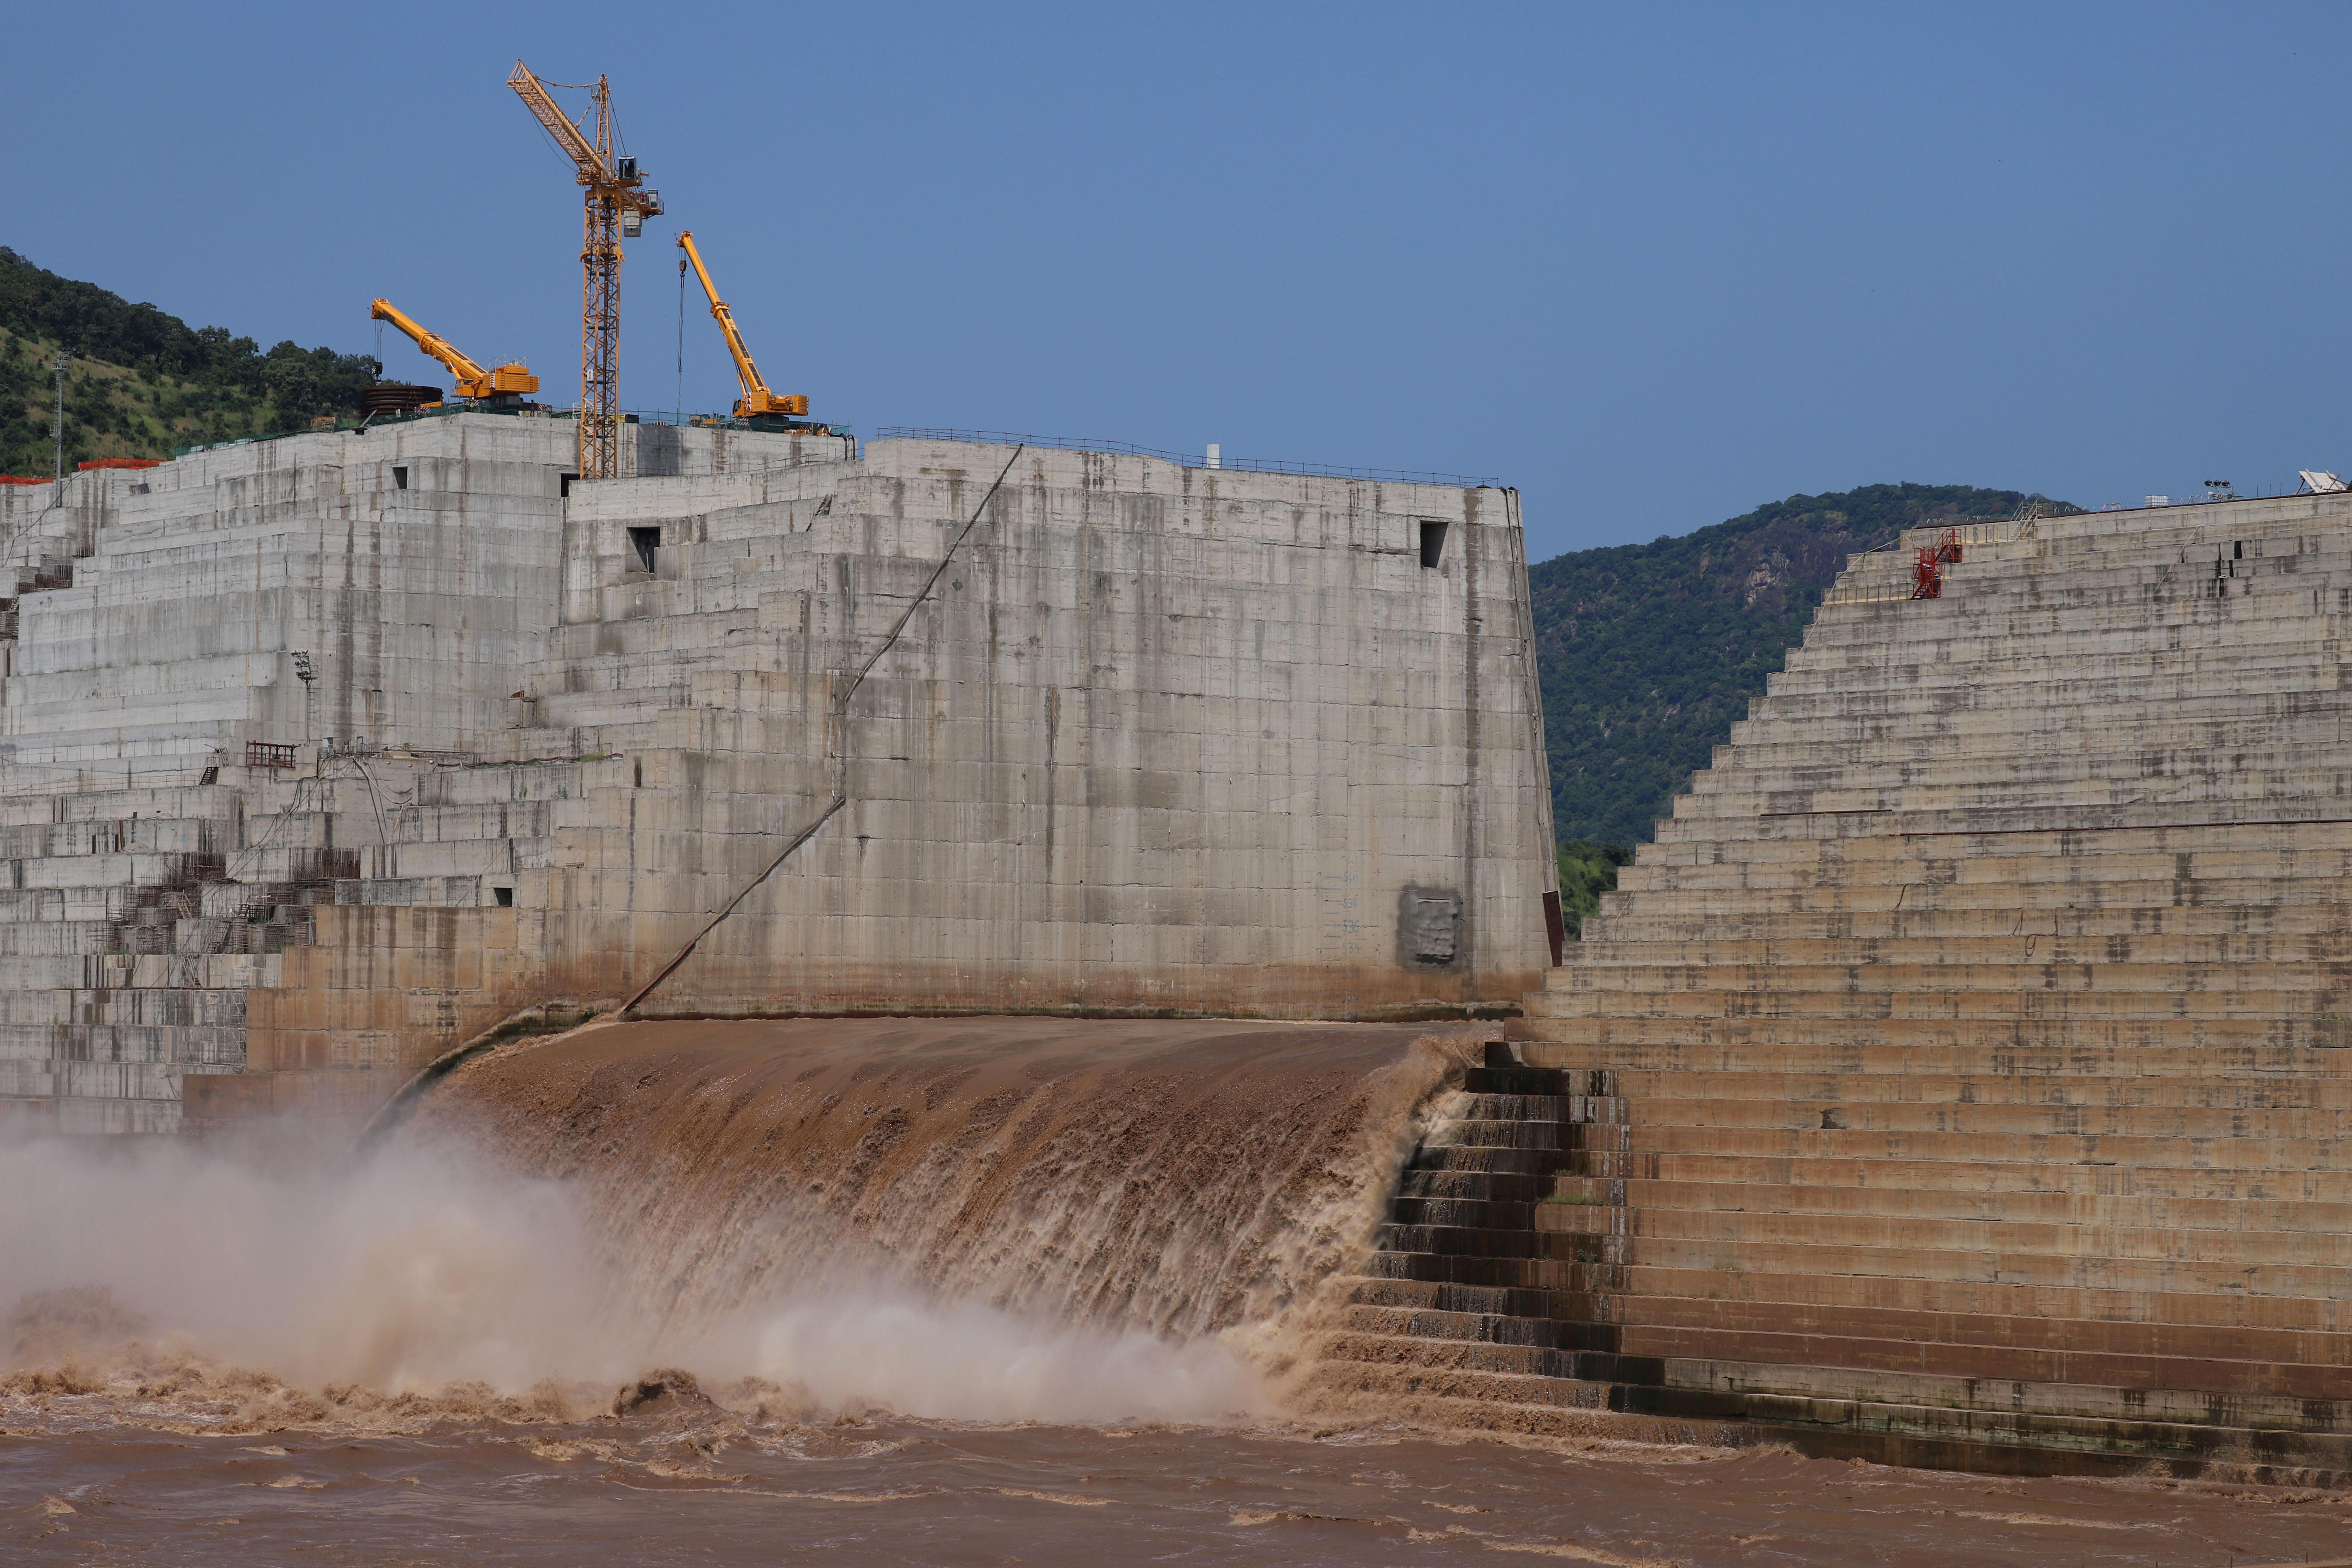 سد النهضة يقع على بعد حوالي 15 كيلومترا من حدود إثيوبيا مع السودان